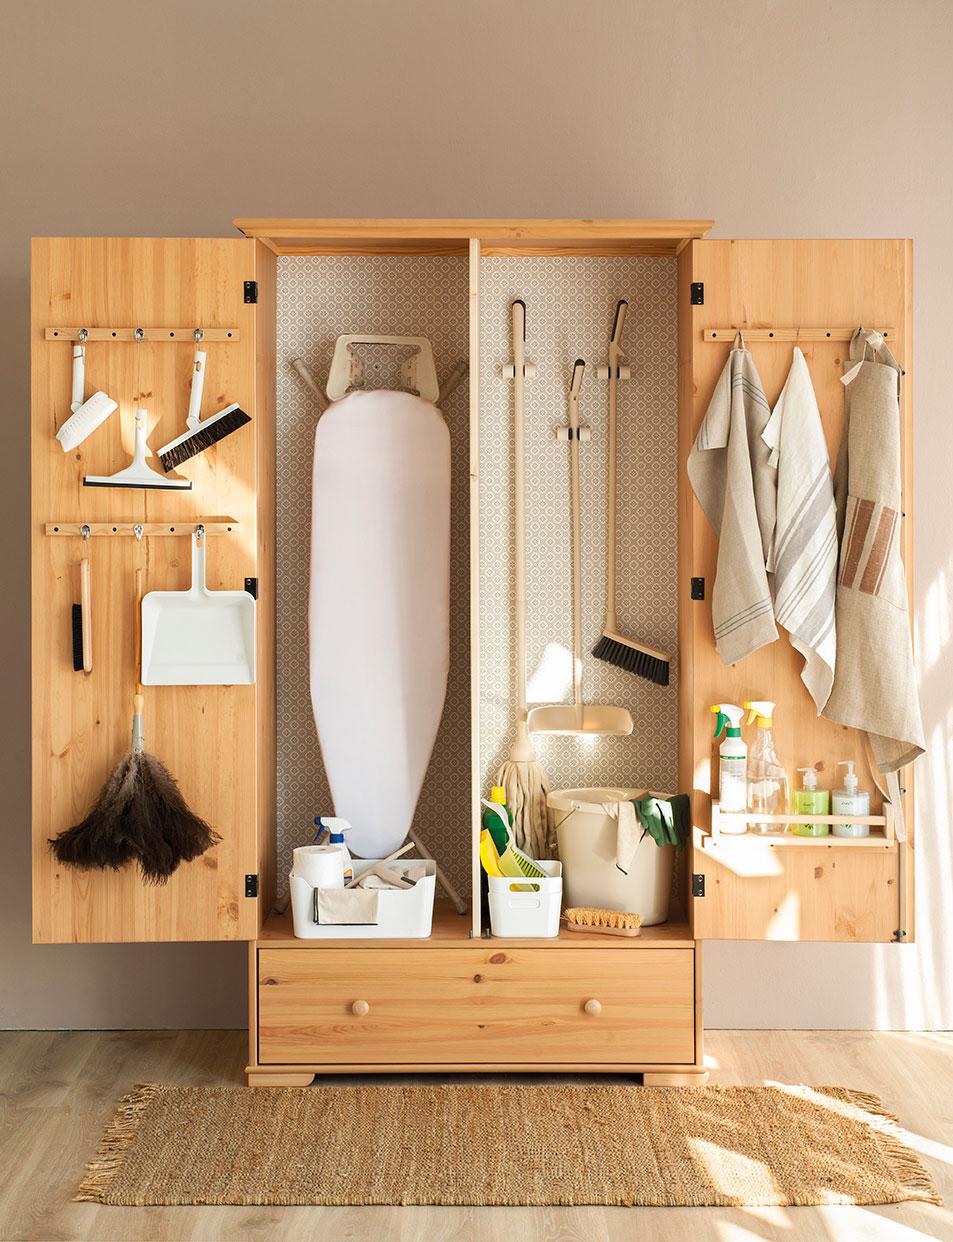 Limpieza El Mueble ~ Trucos Para Limpiar Suelos Porosos